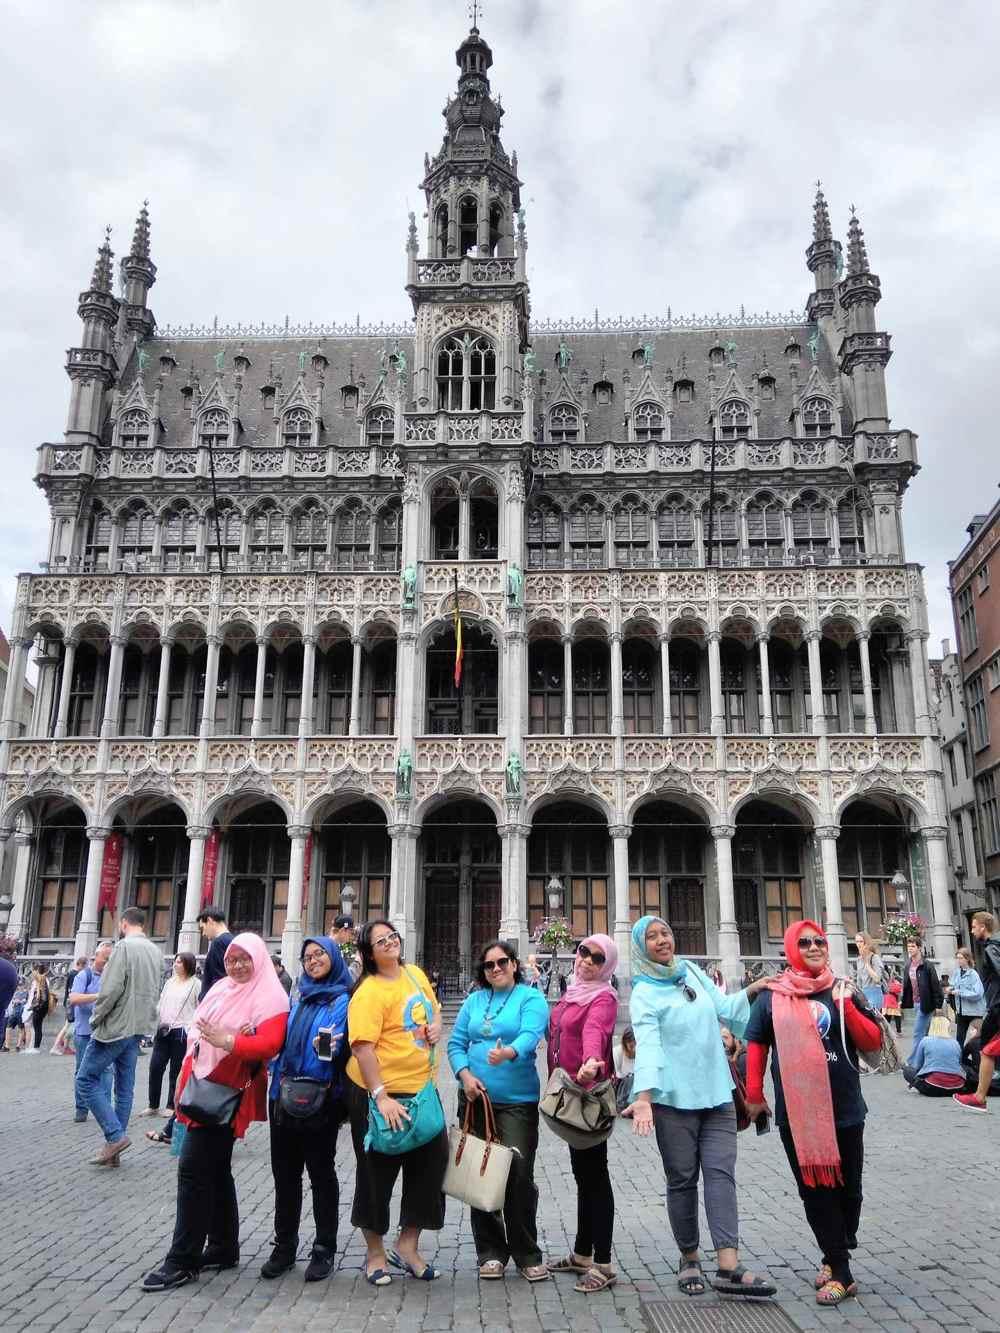 Hotel de ville brussels tour for muslim women ilimtour for Bruxelles piscine